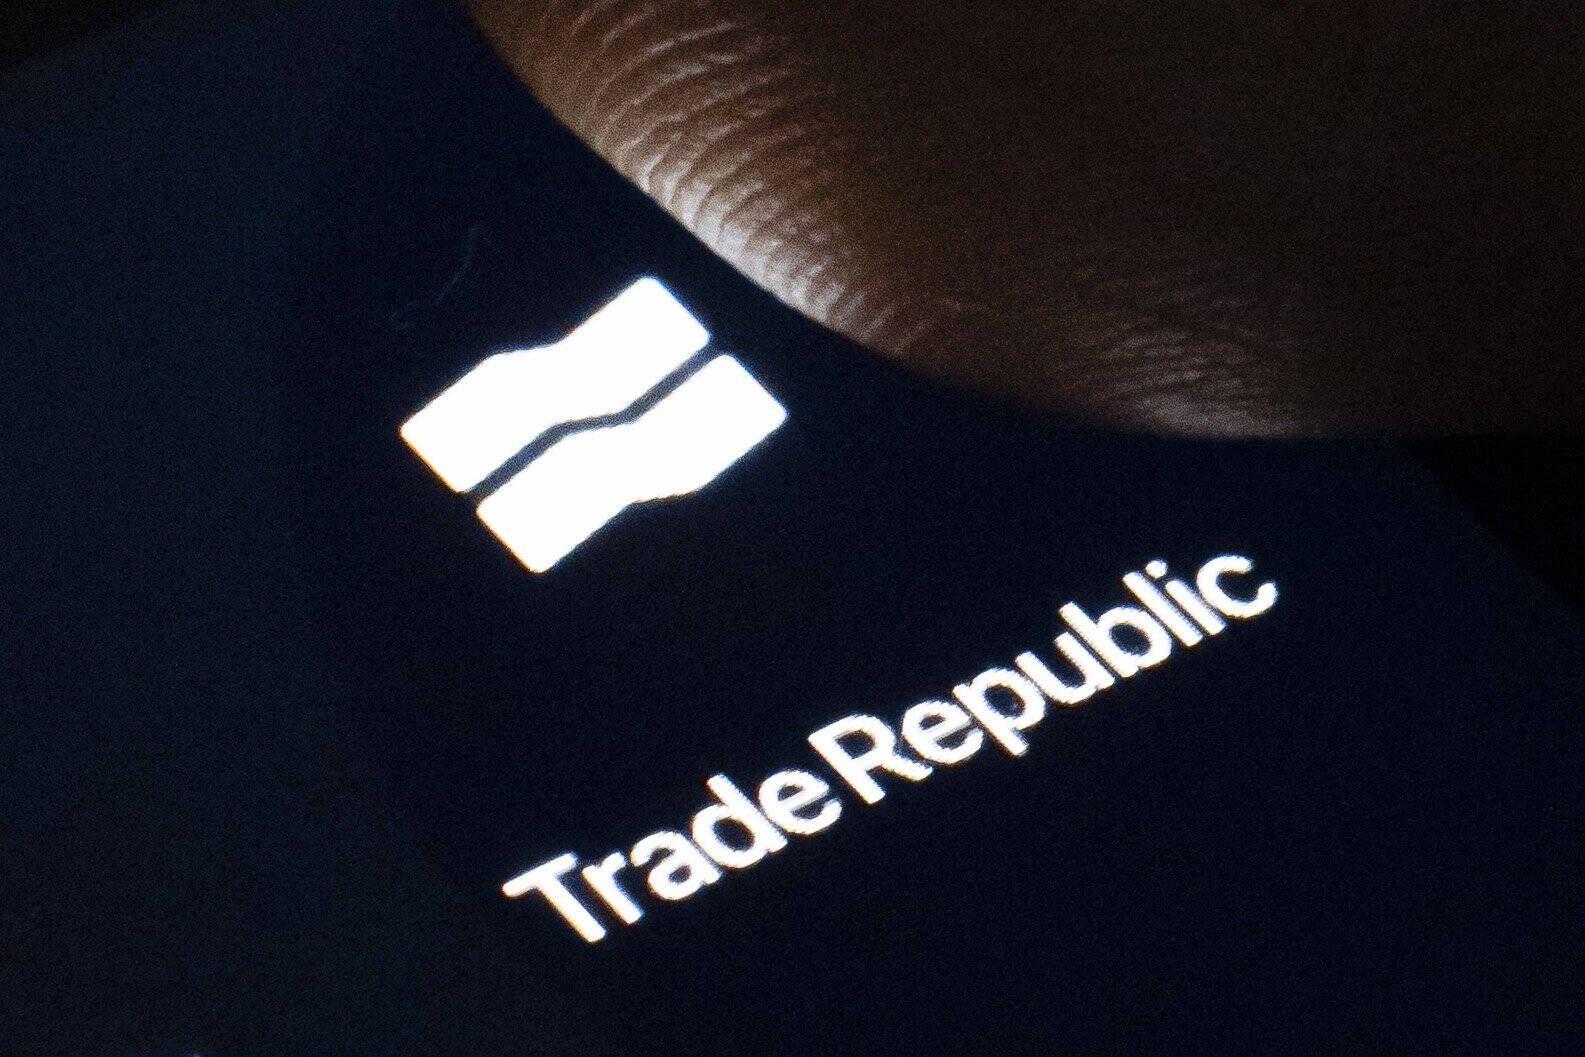 Symbolfoto: Das Logo des Fintechs und Online-Brokers Trade Republic ist auf dem Display eines Smartphone zu sehen. Berli